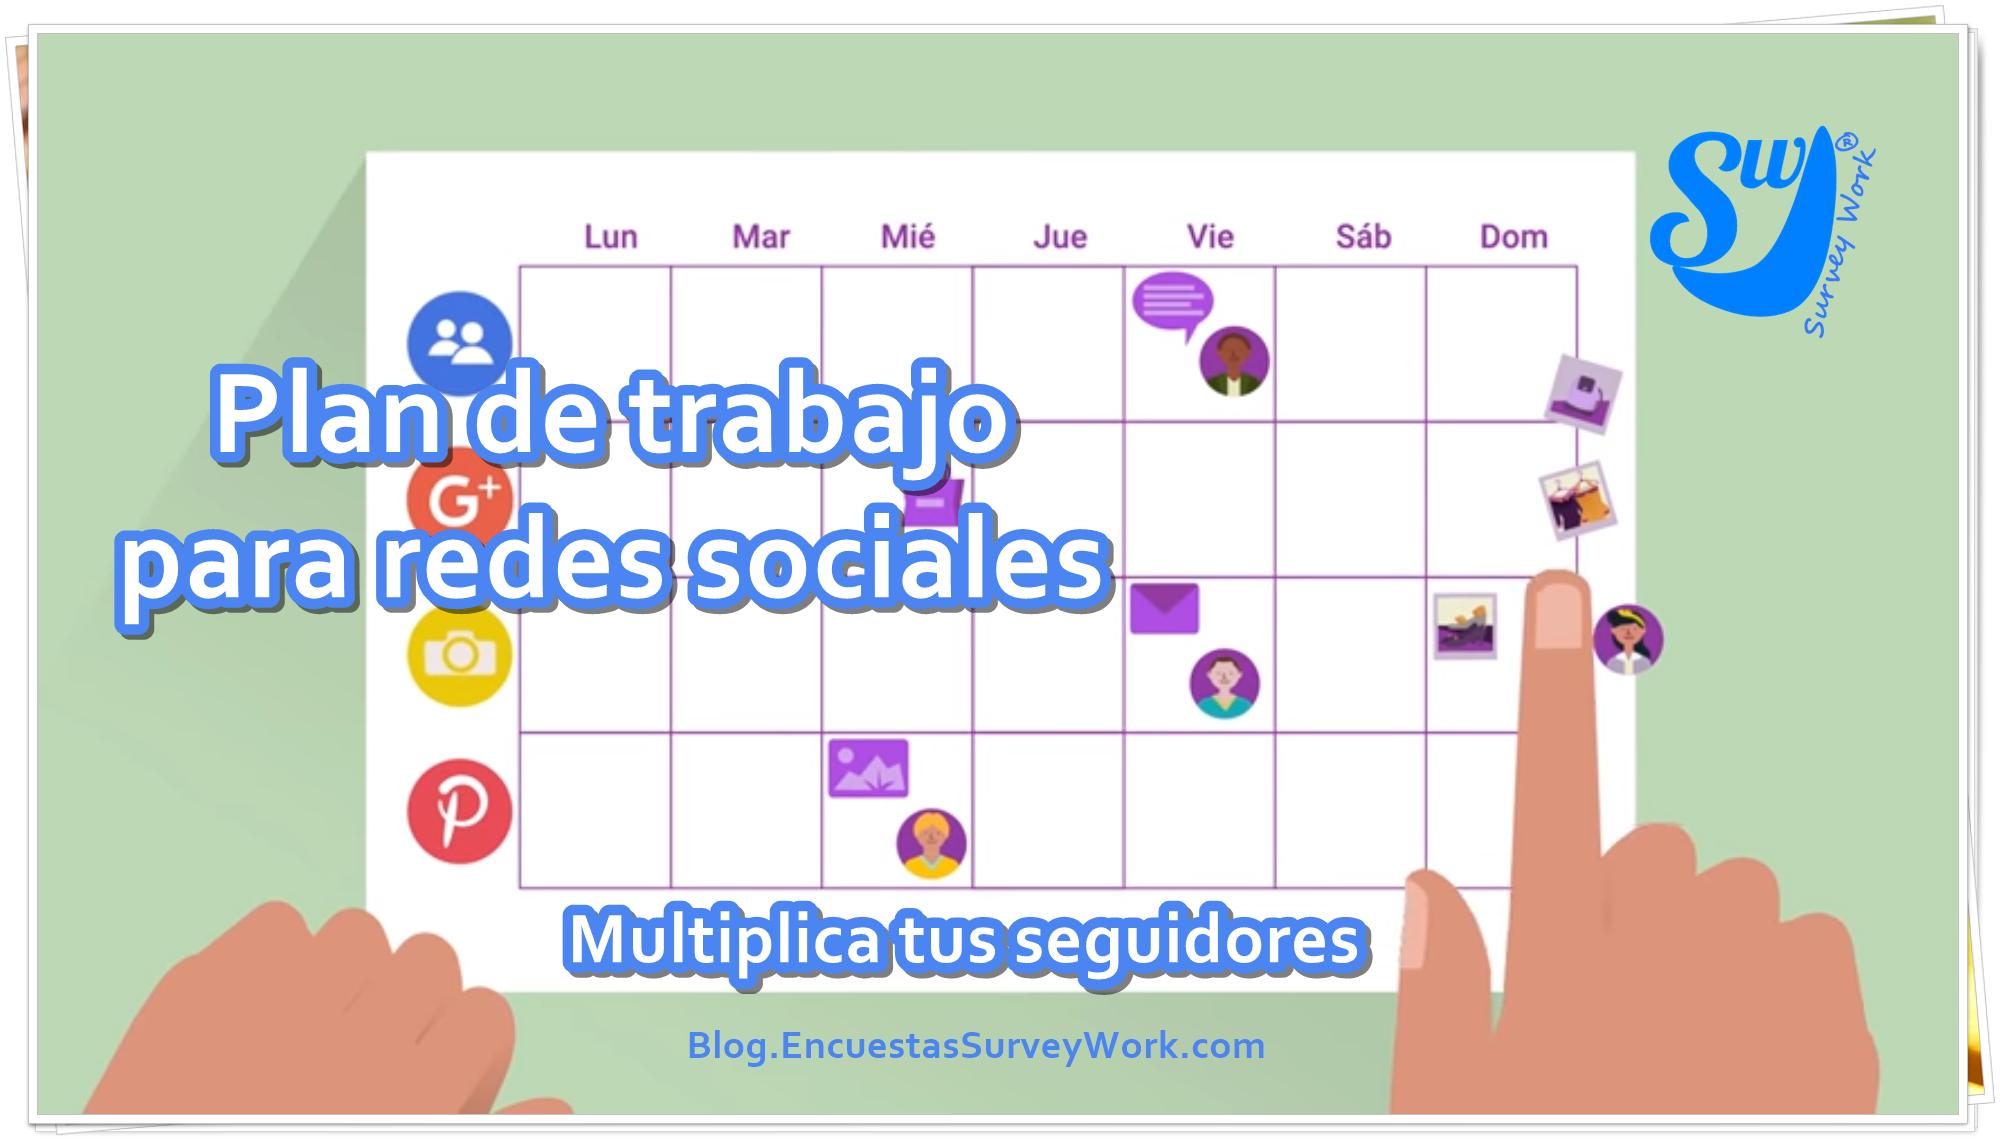 Plan de trabajo para redes sociales